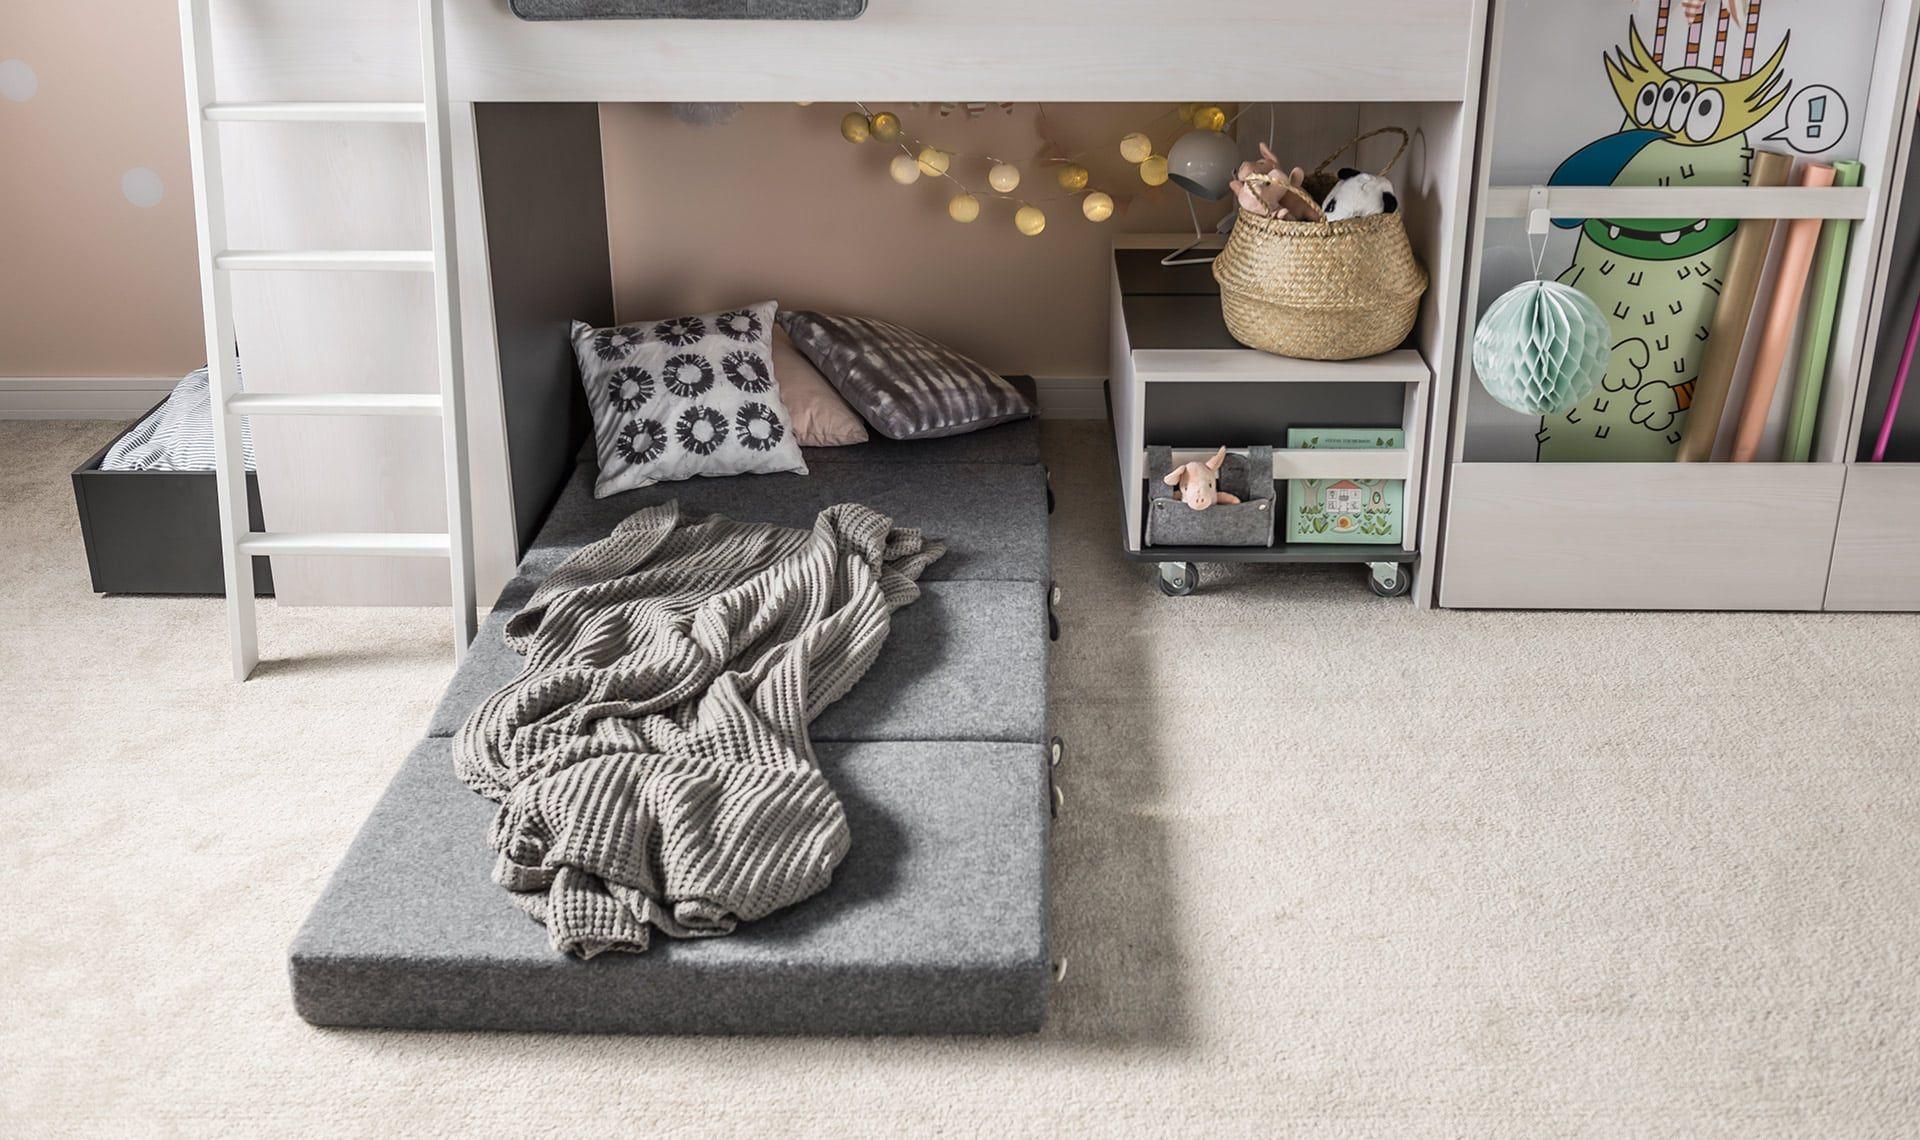 Nest Voxחיפוי קירות ועיצוב הבית Furniture